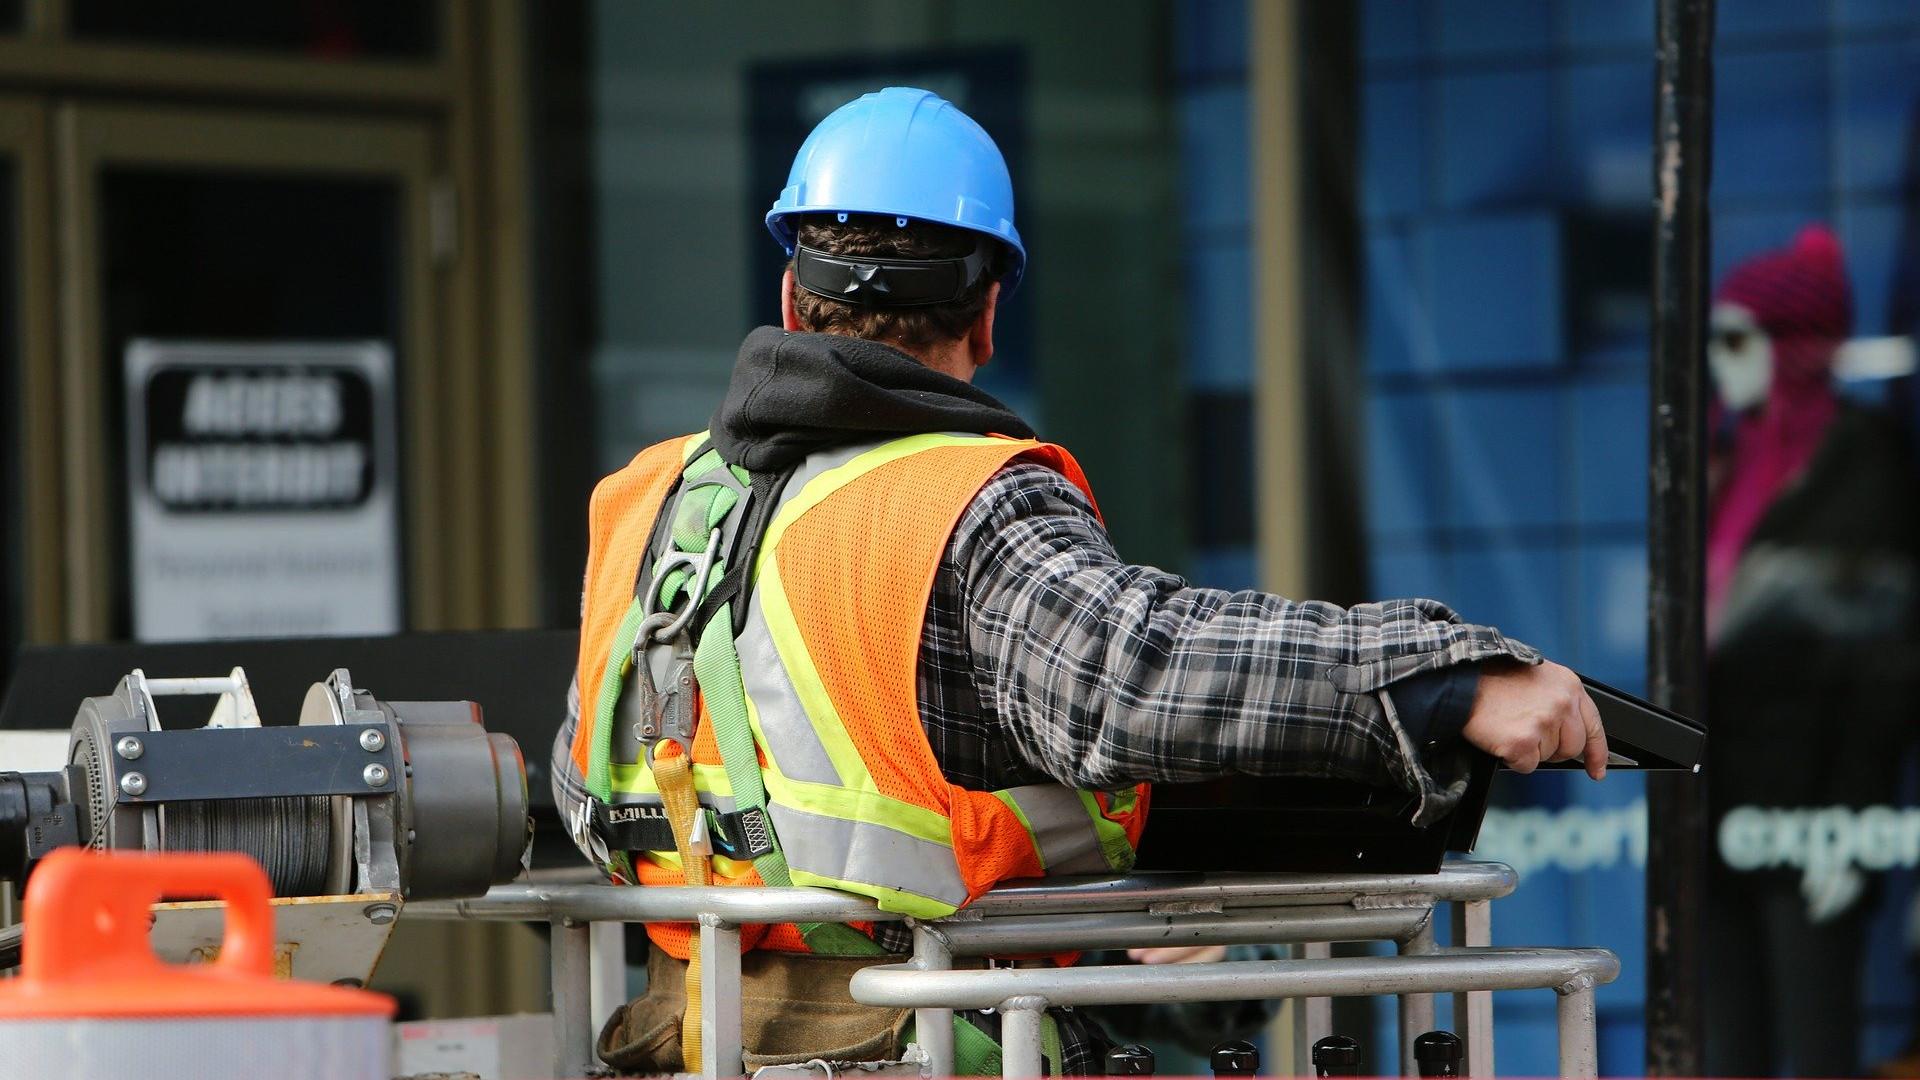 Työturvallisuus jatkaa kehitystään, kun työturvallisuuskorttikoulutus ja ePerehdytys yhdistyvät